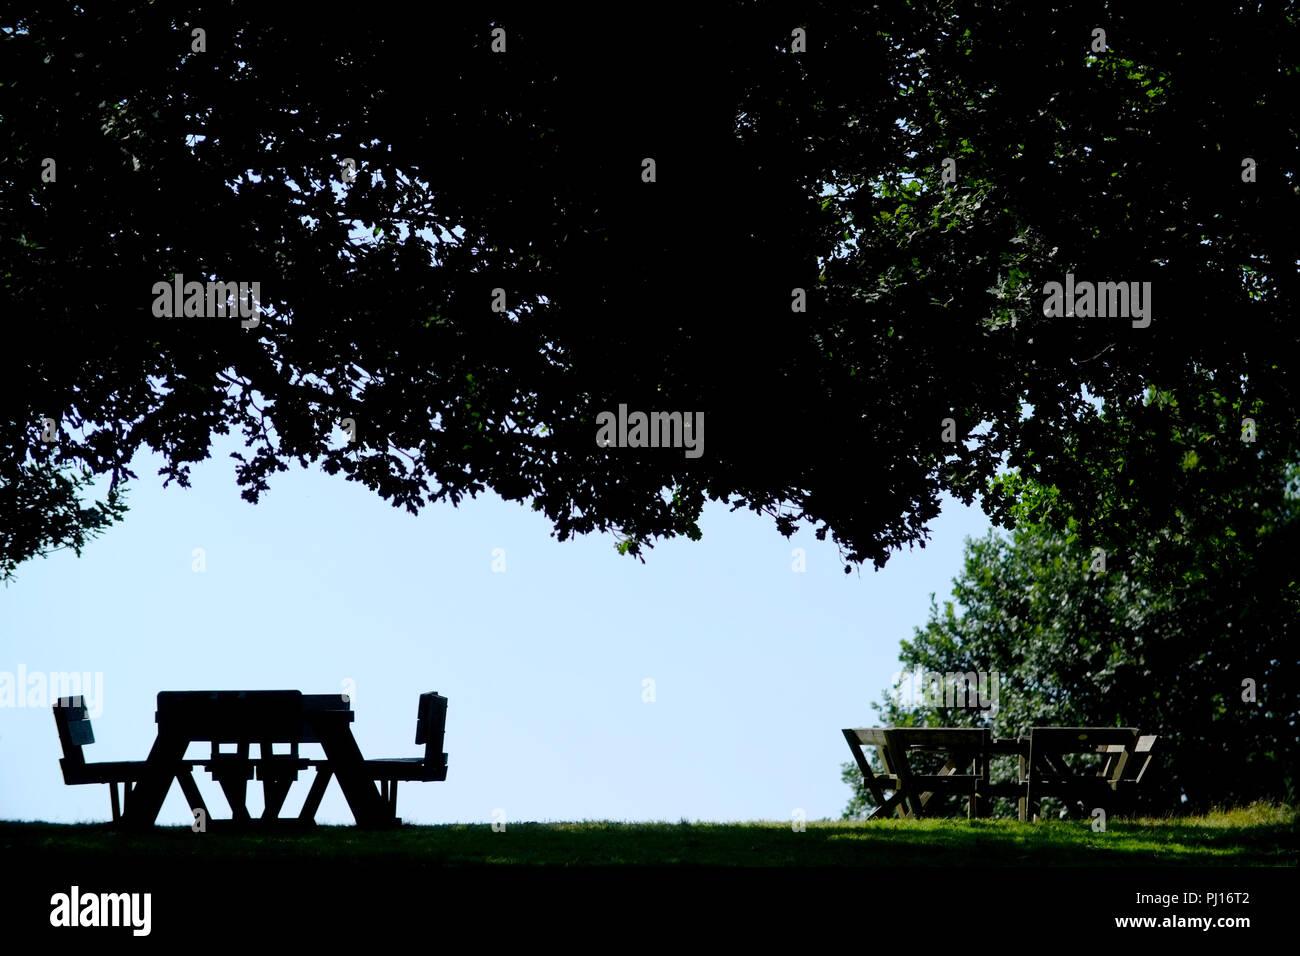 Mesa de picnic bajo un árbol, silueta. Imagen De Stock